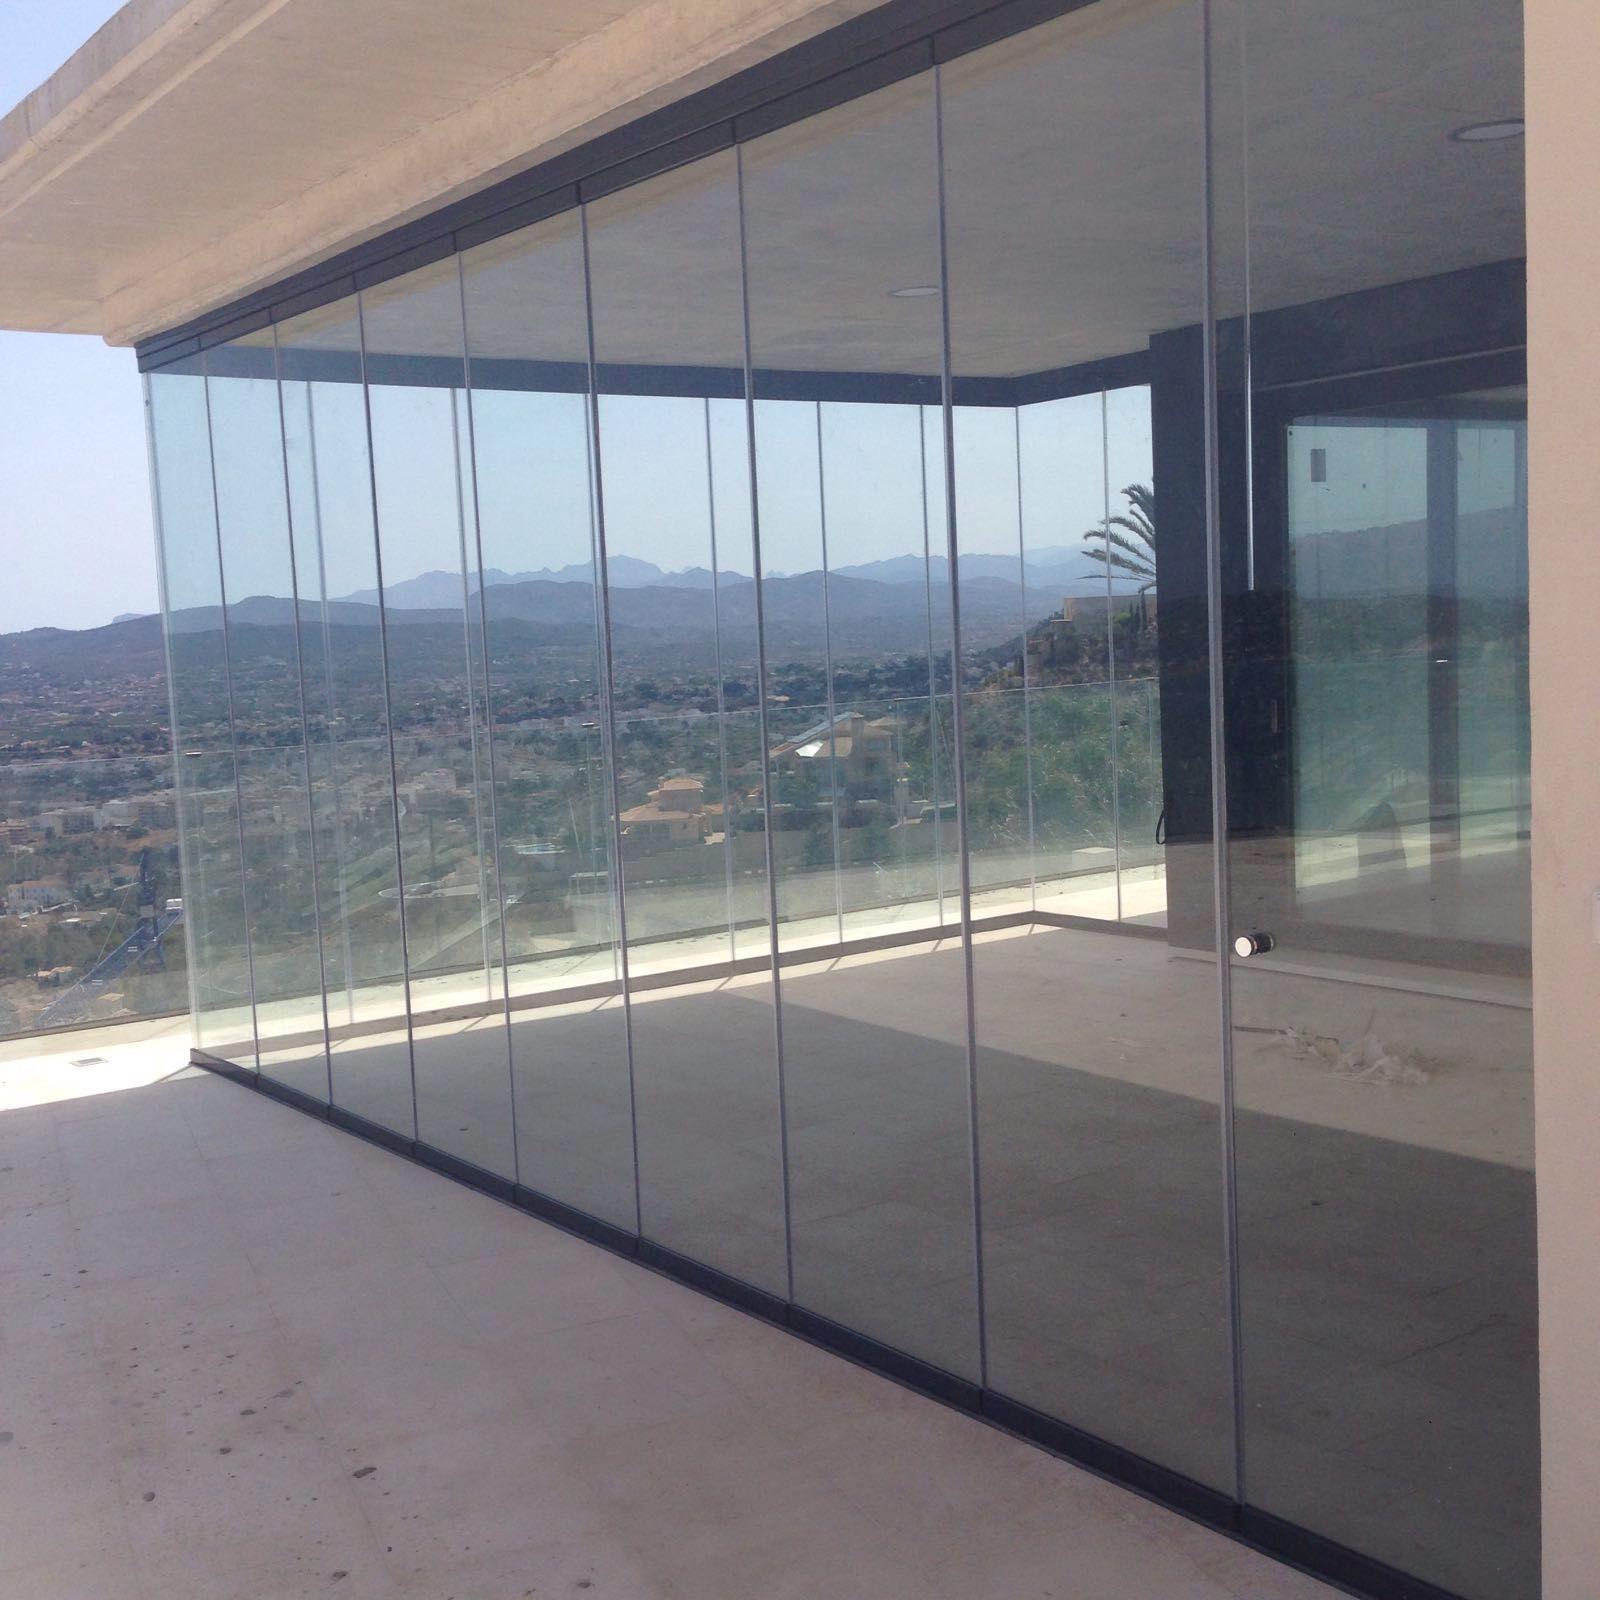 Instalaci n de cortina de cristal en javea cerramiento for Cerramiento aluminio terraza